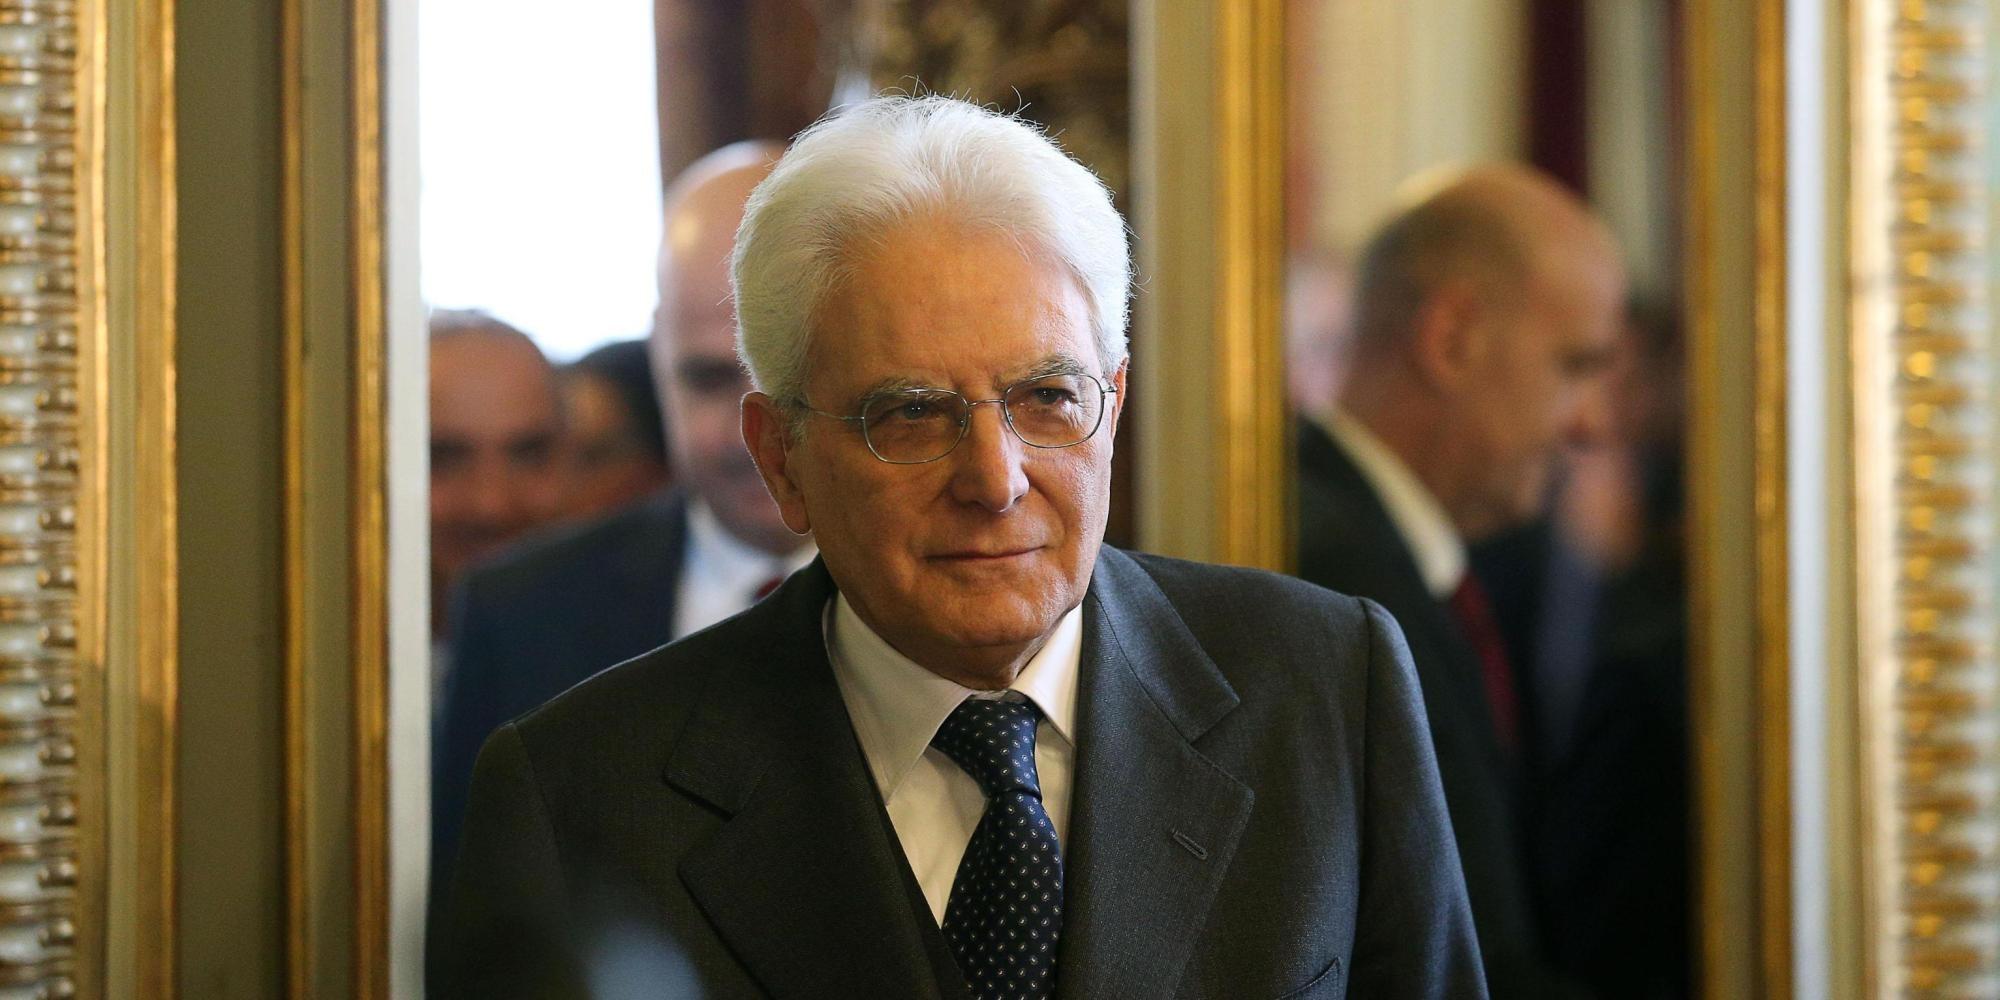 Il neo presidente della Repubblica Sergio Mattarella nella sede della Corte Costituzionale, Roma, 31 gennaio 2014. ANSA/ALESSANDRO DI MEO